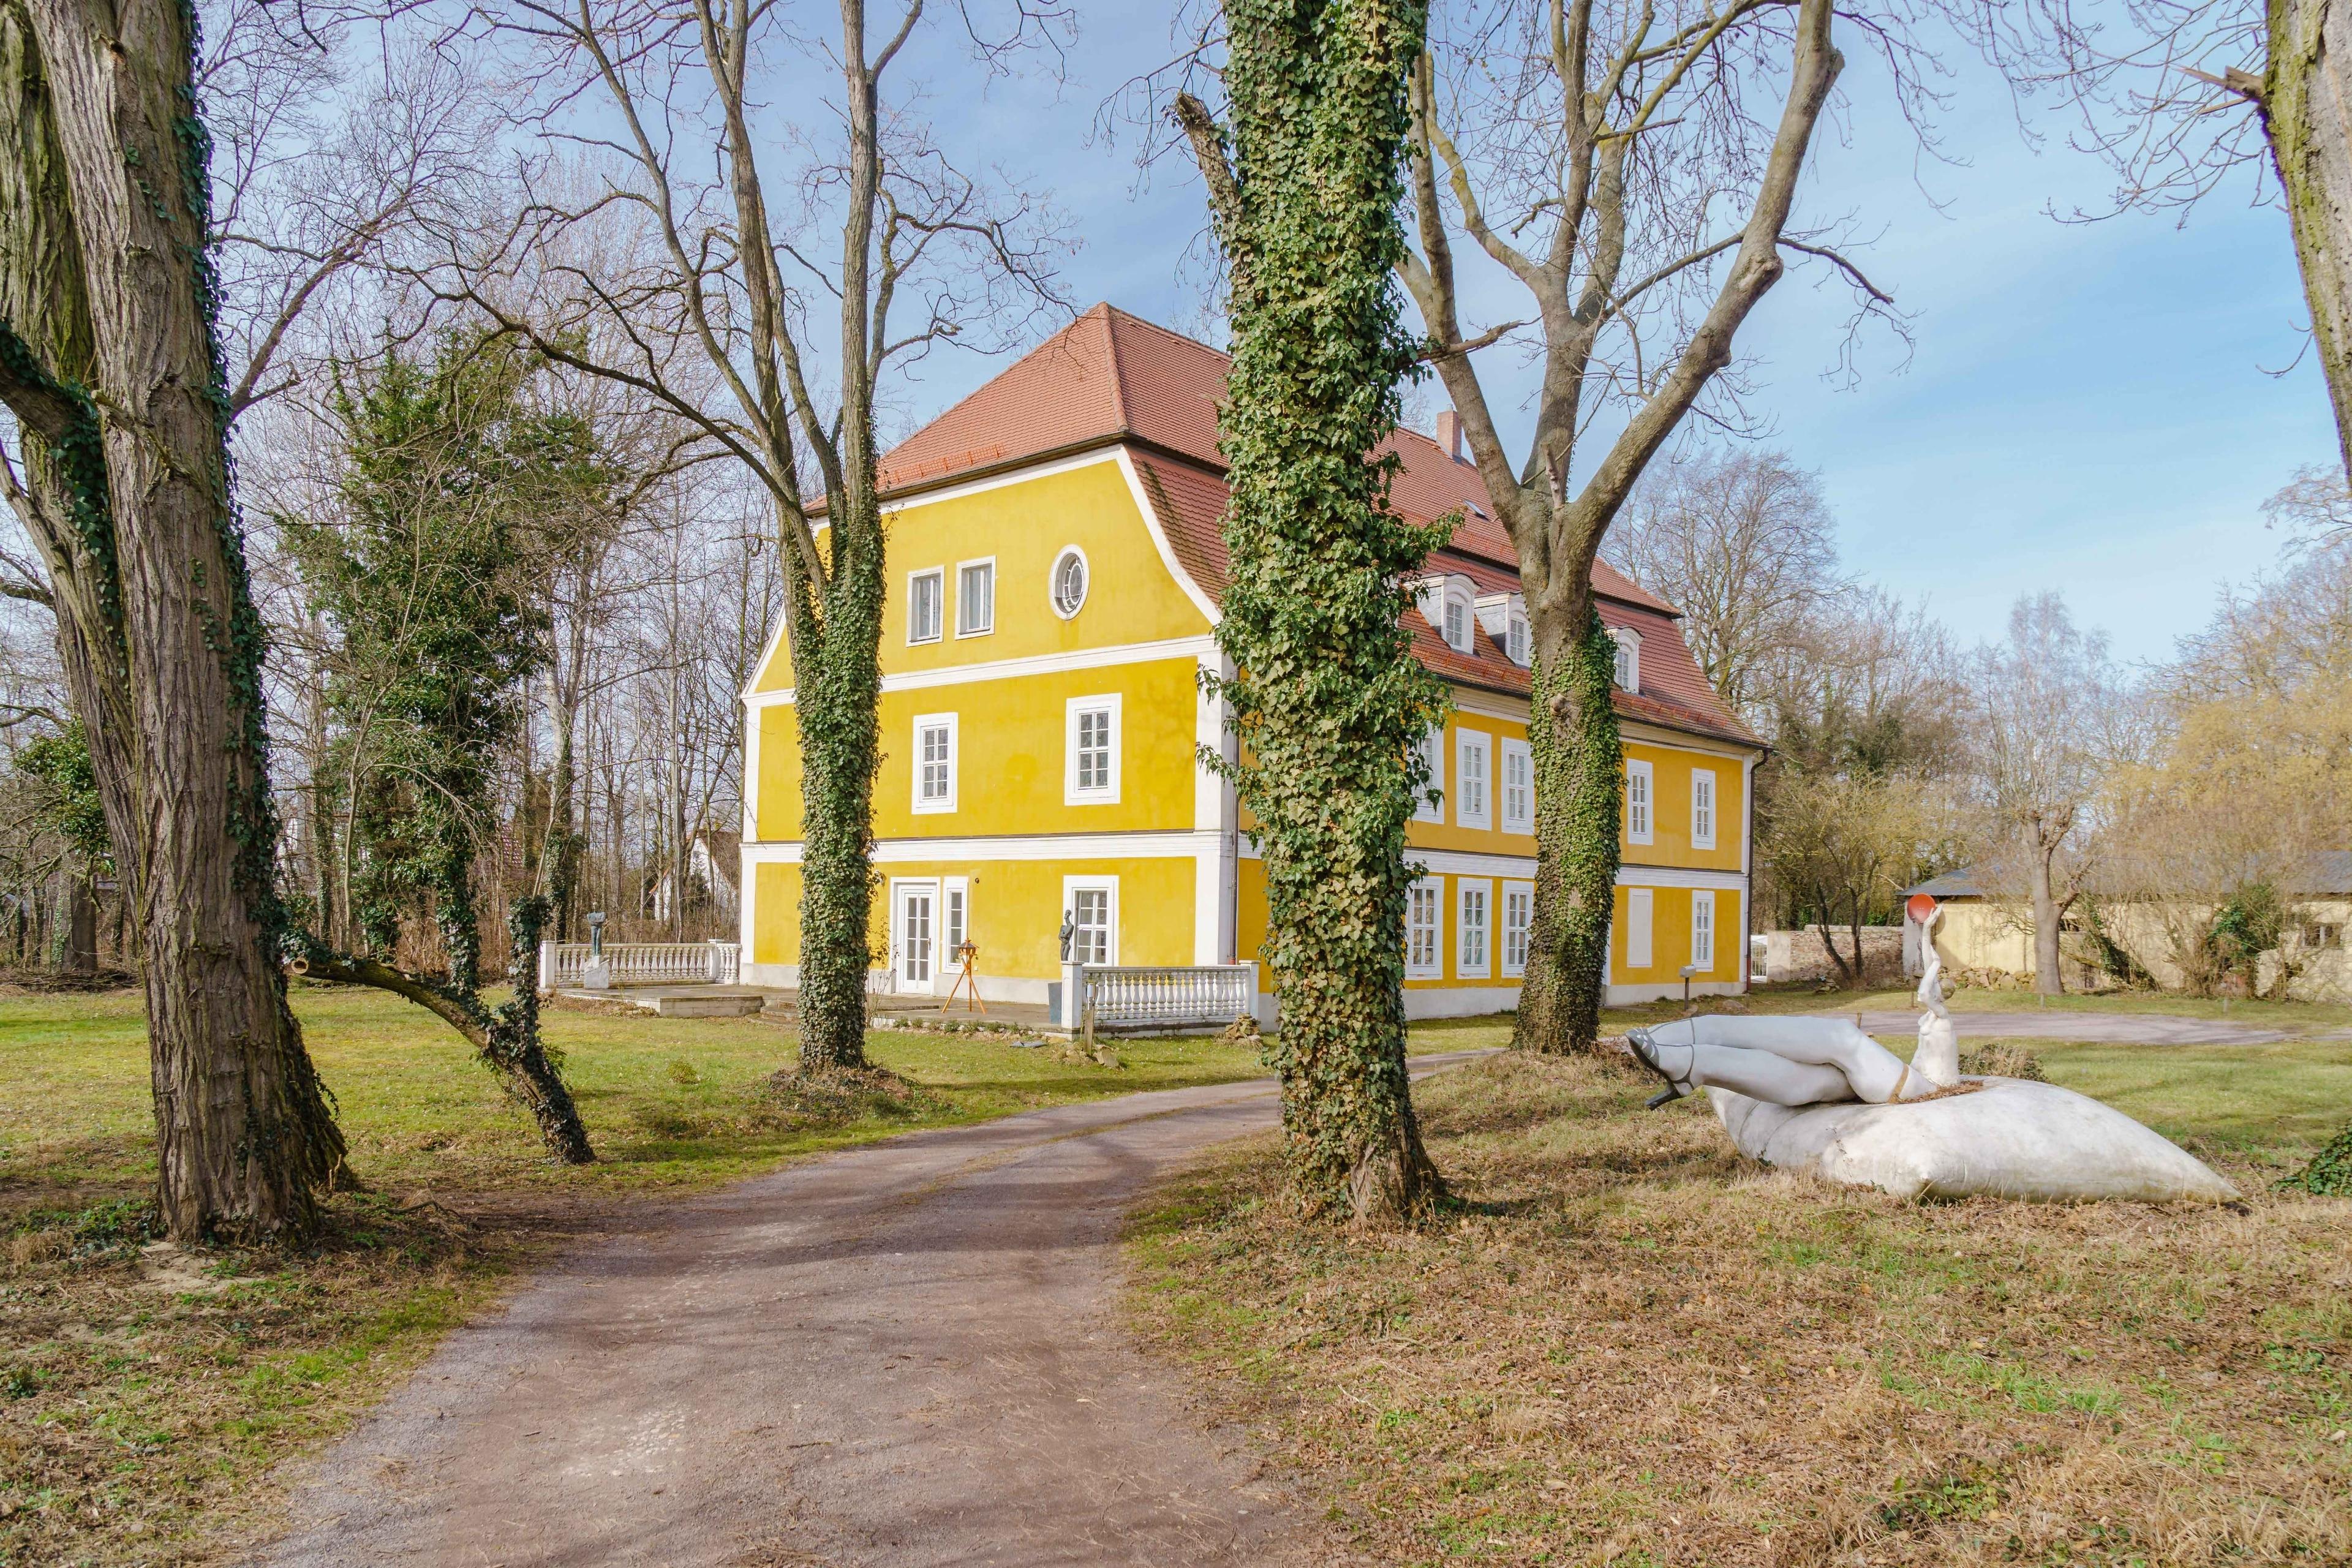 Landsberg, Saxony-Anhalt, Germany